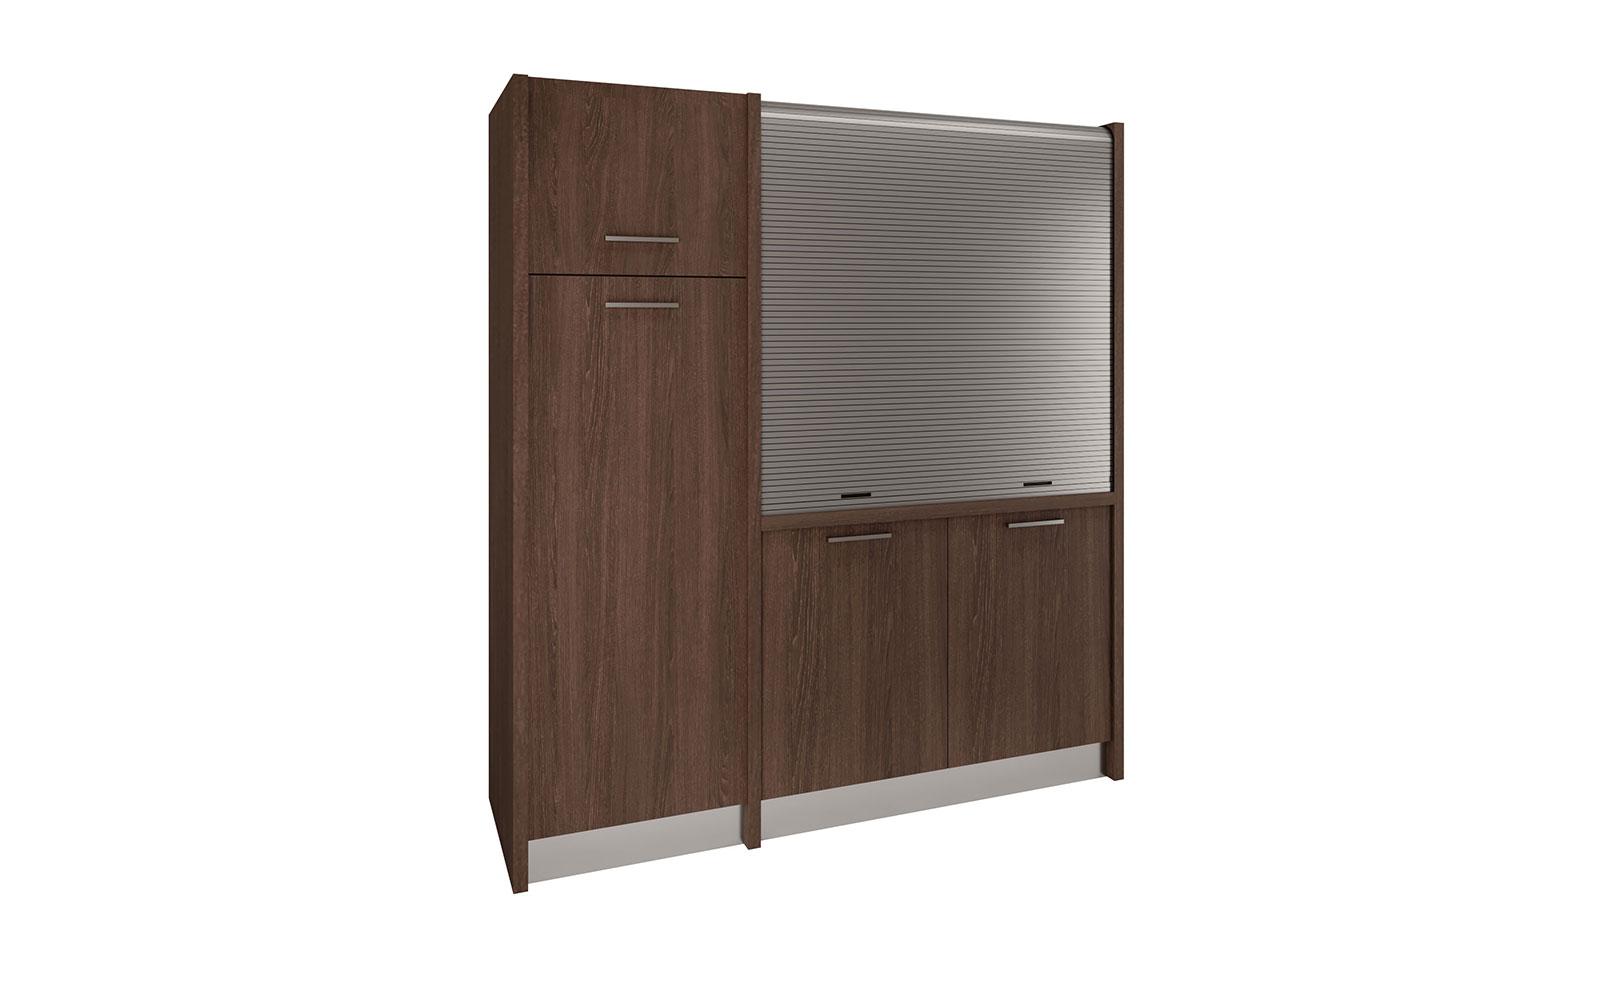 Conero SX - Cucina monoblocco con serranda e frigo a colonna in meno di 2  metri